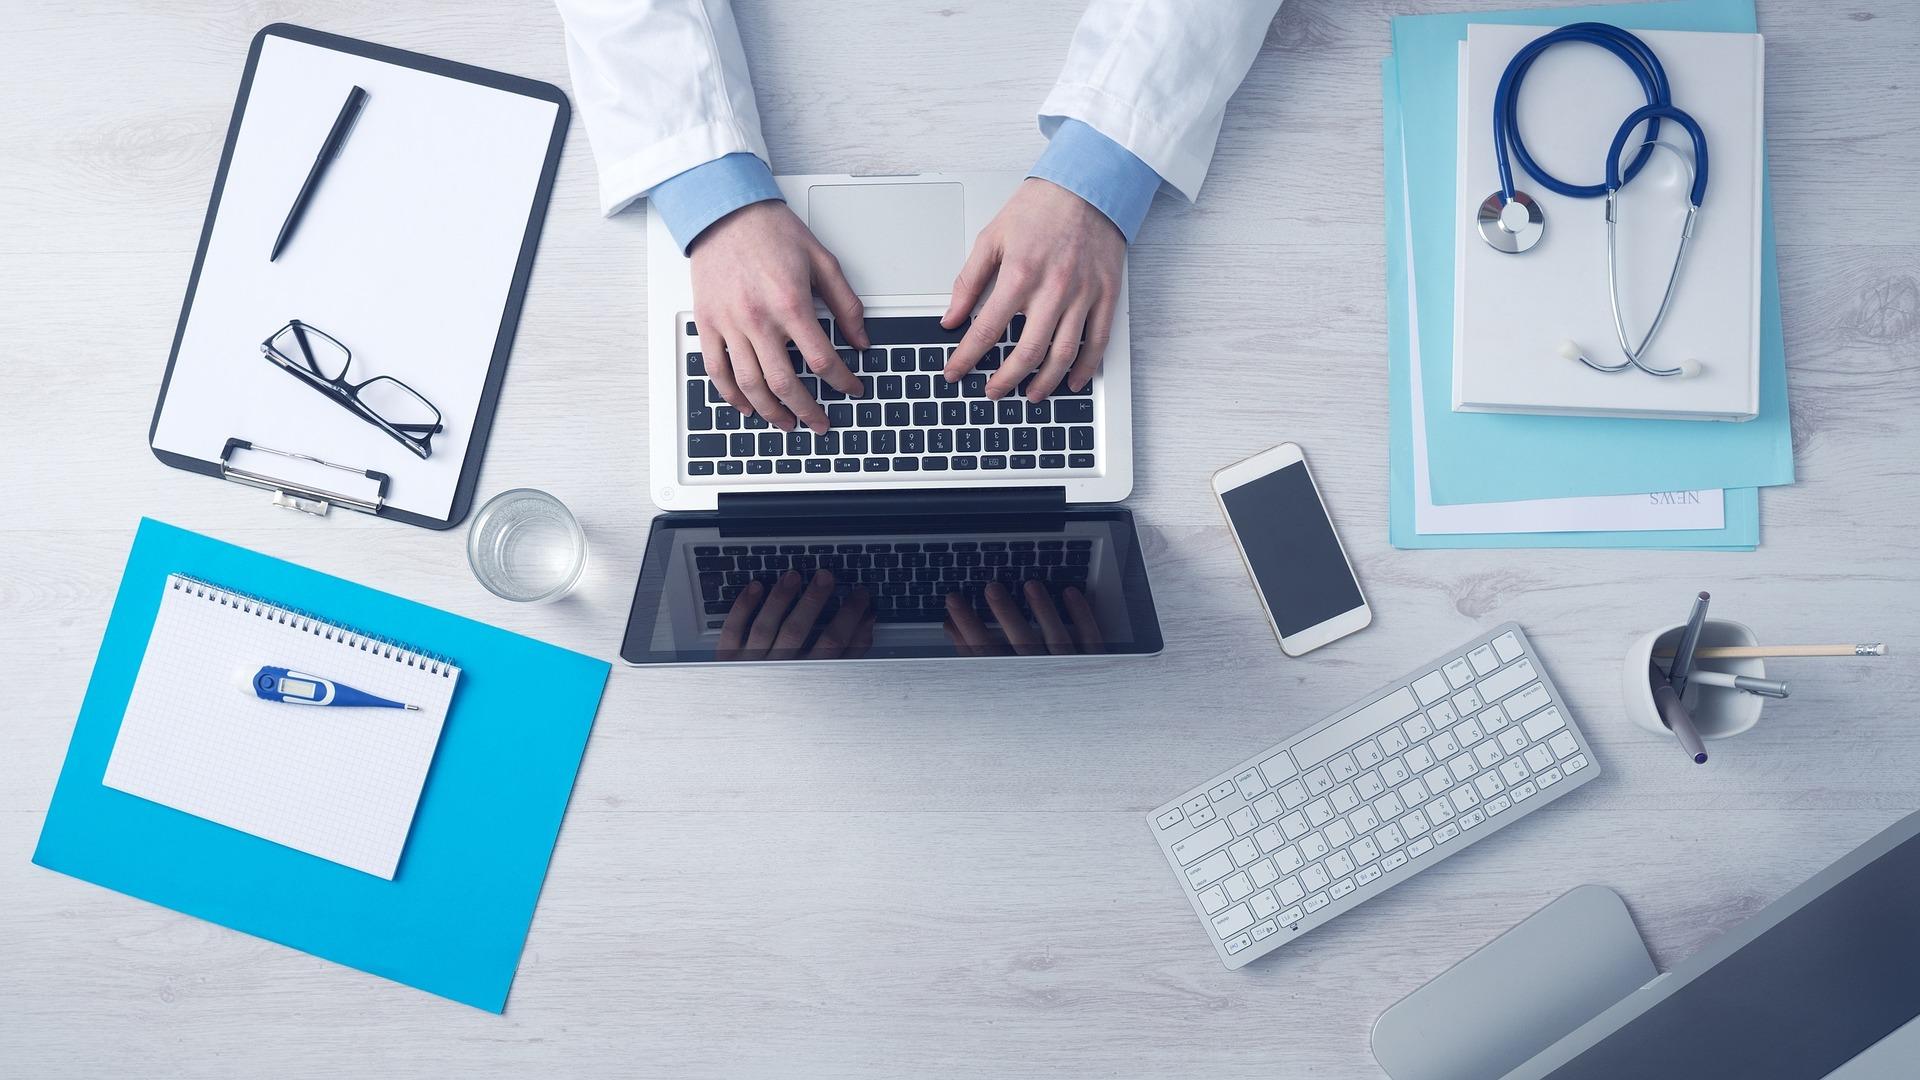 Krankenversicherung - Das solltest du beachten